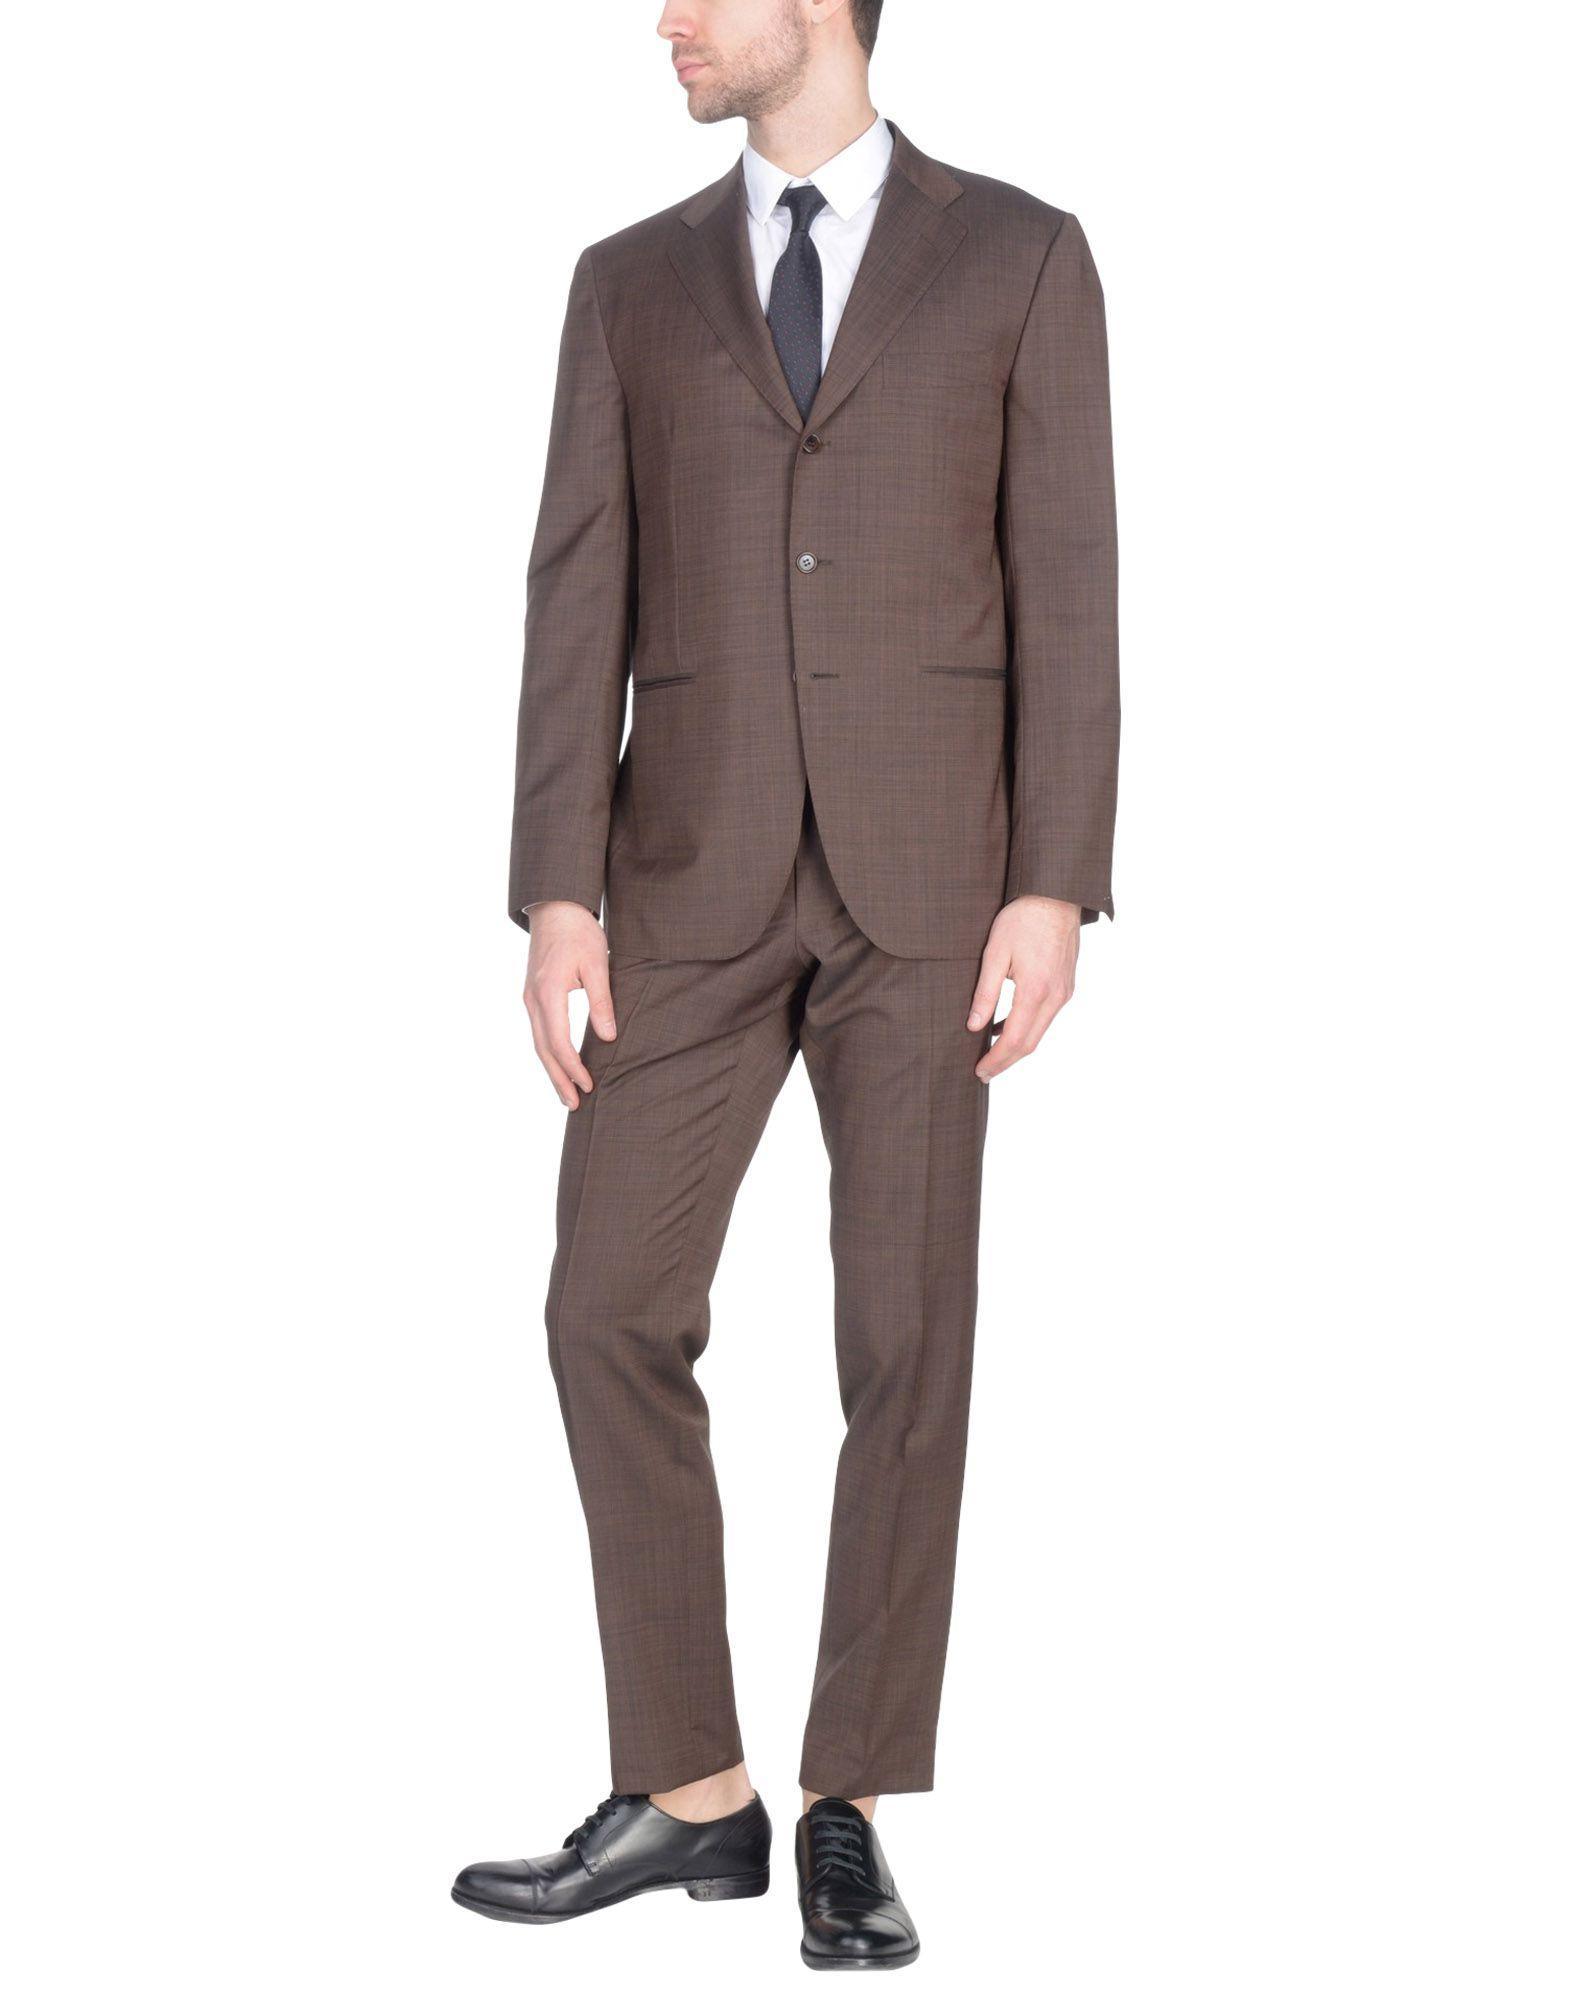 Sartorio Suits In Brown